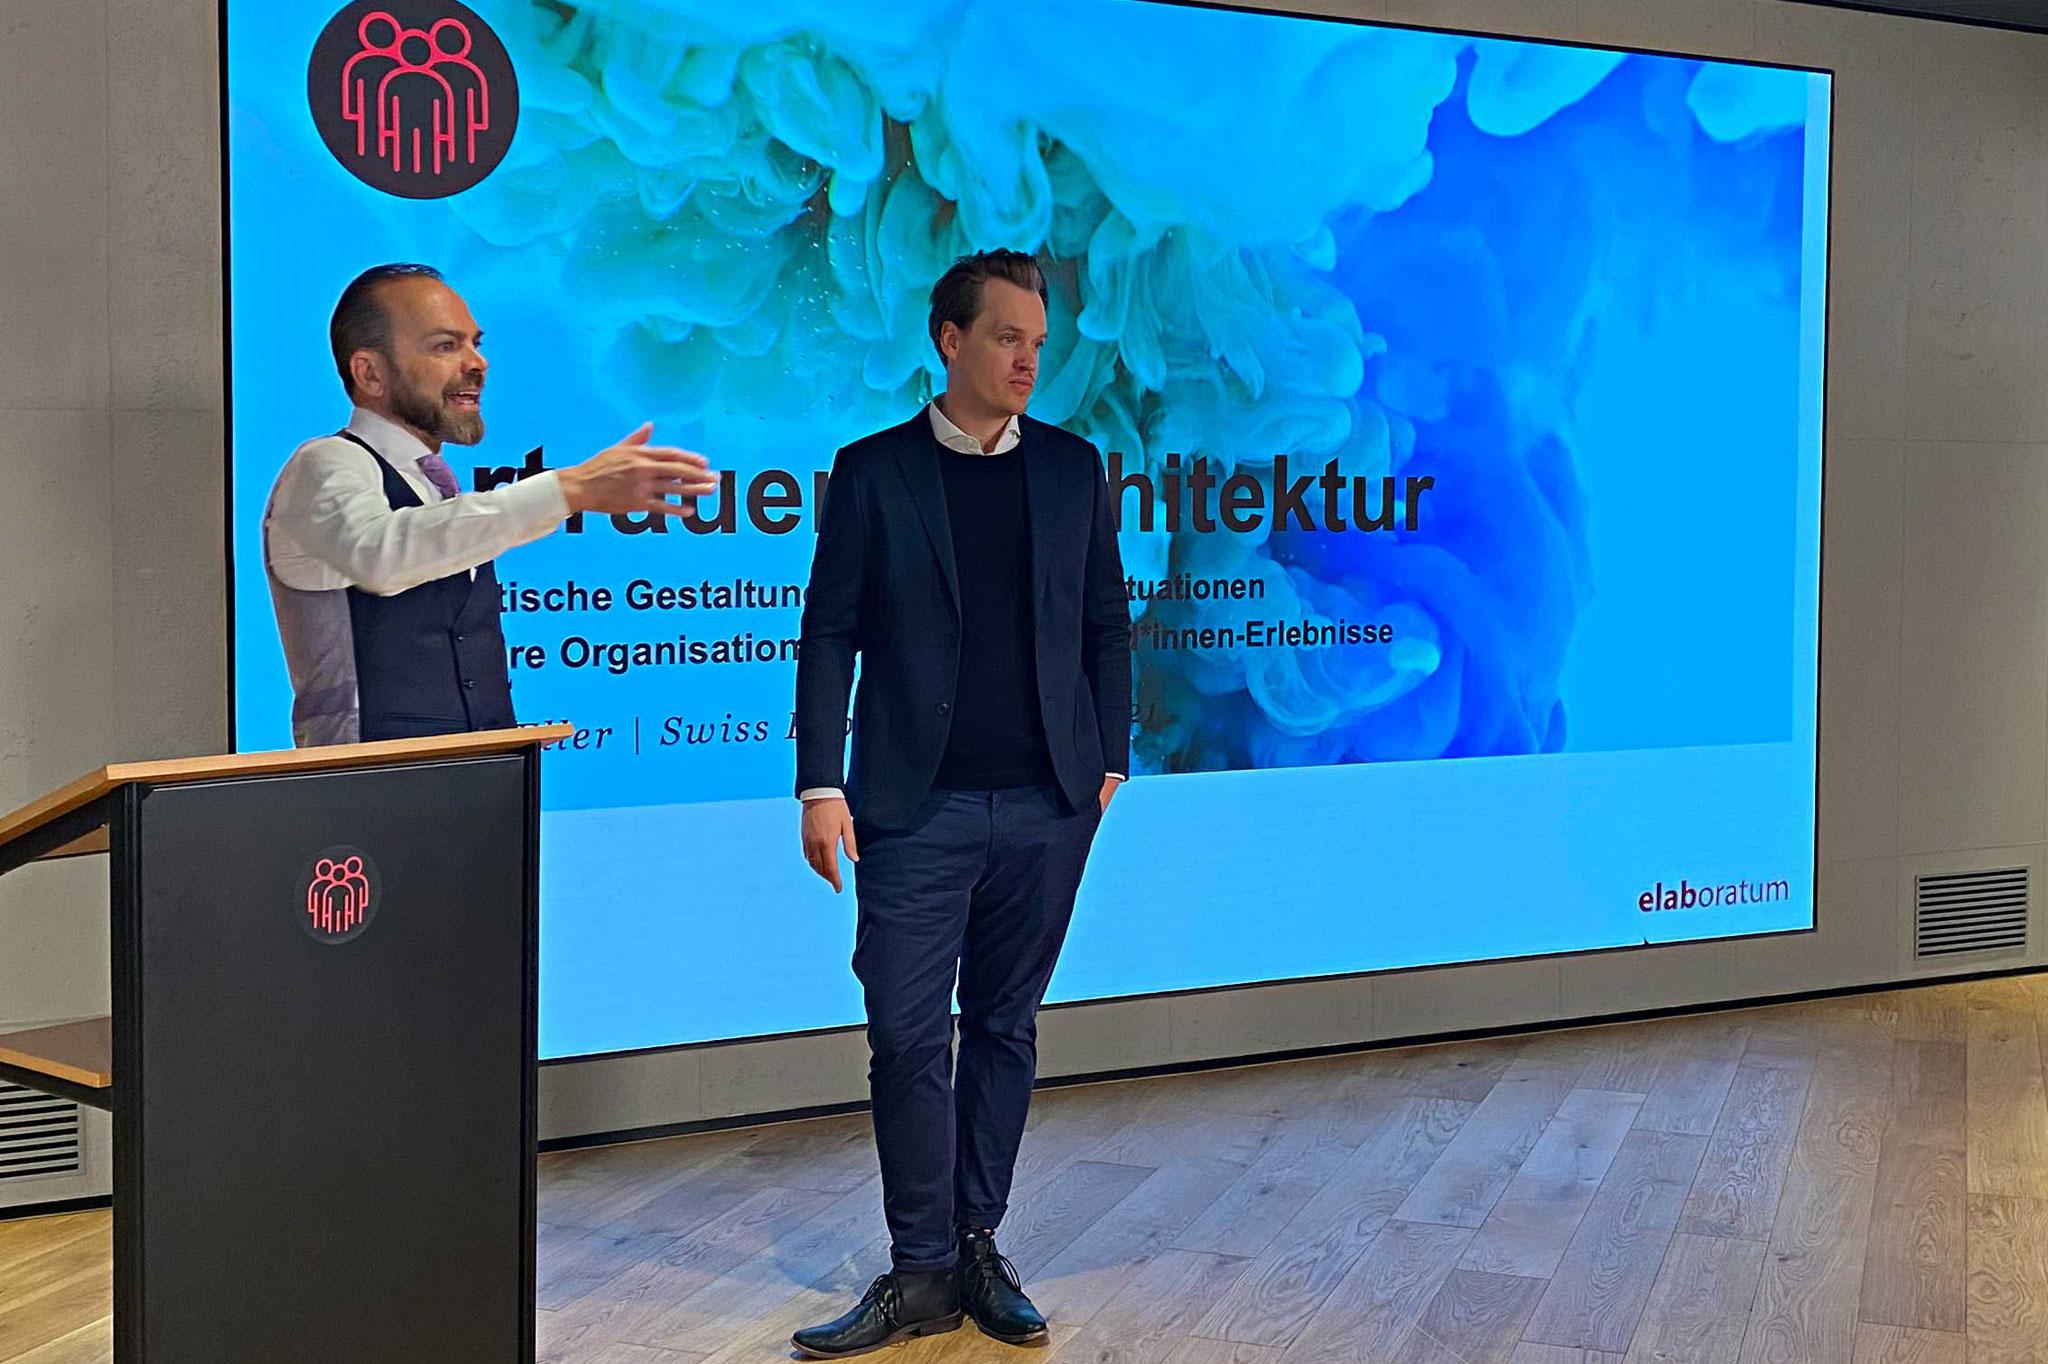 Referent Dr. Eric Eller, Senior Consultant bei elaboratum, im Gespräch mit Christof Küng, Gründer und CEO von CRO.SWISS